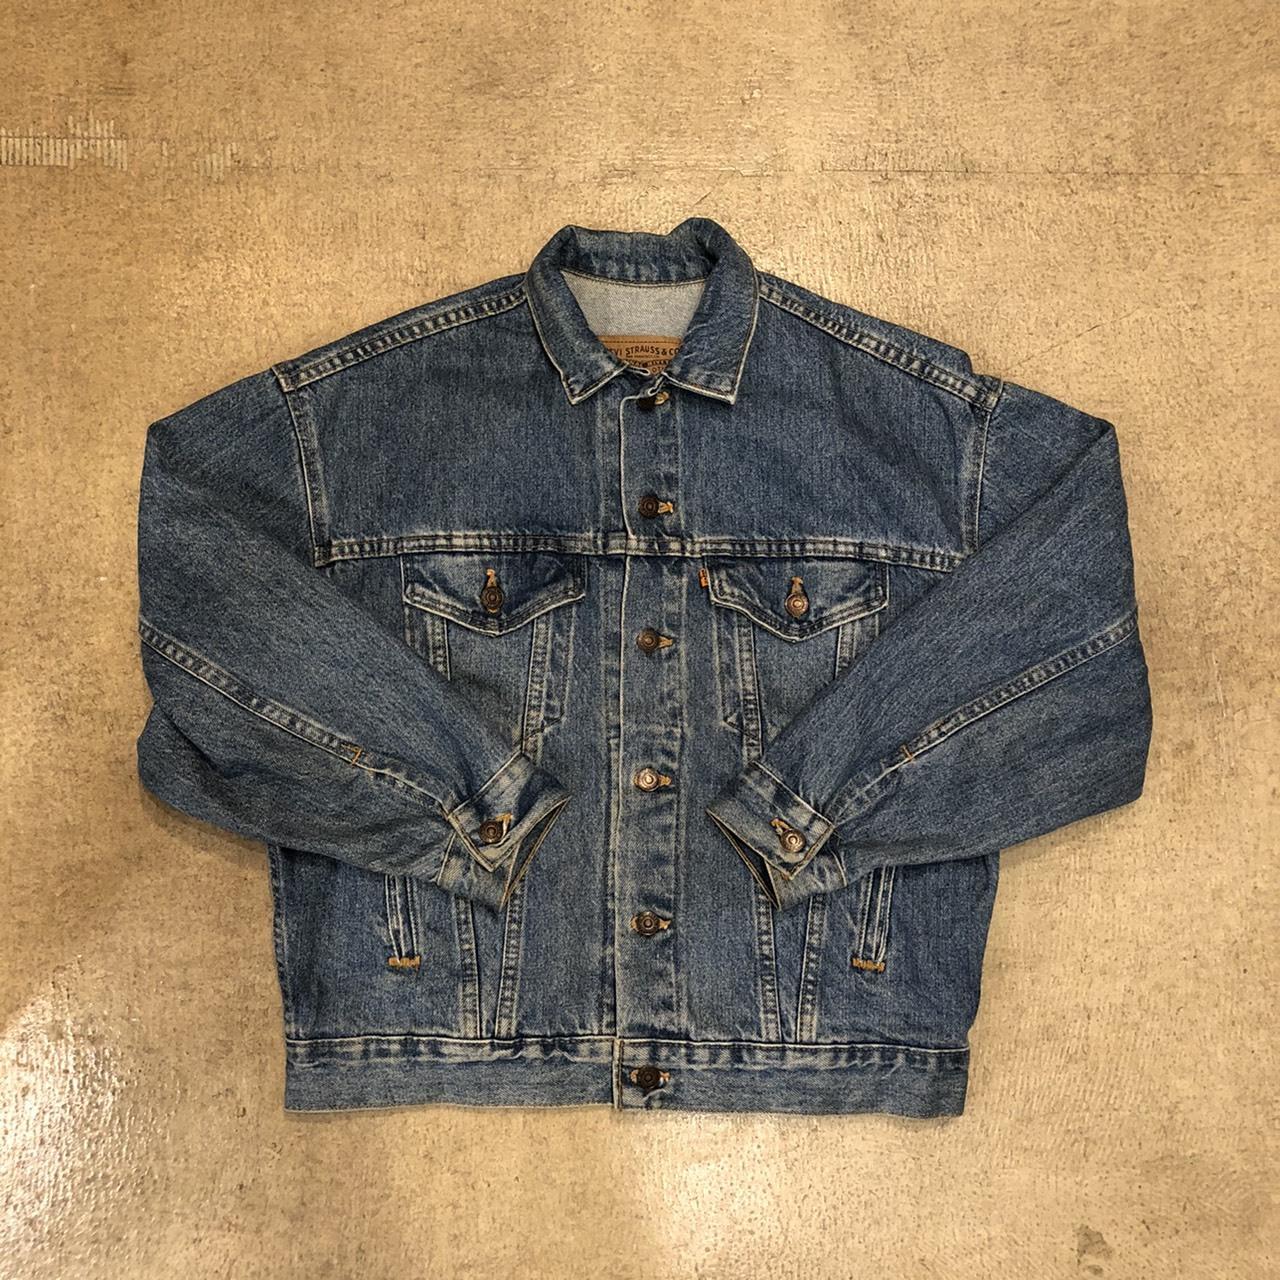 Levi's Denim Jacket ¥8,200+tax